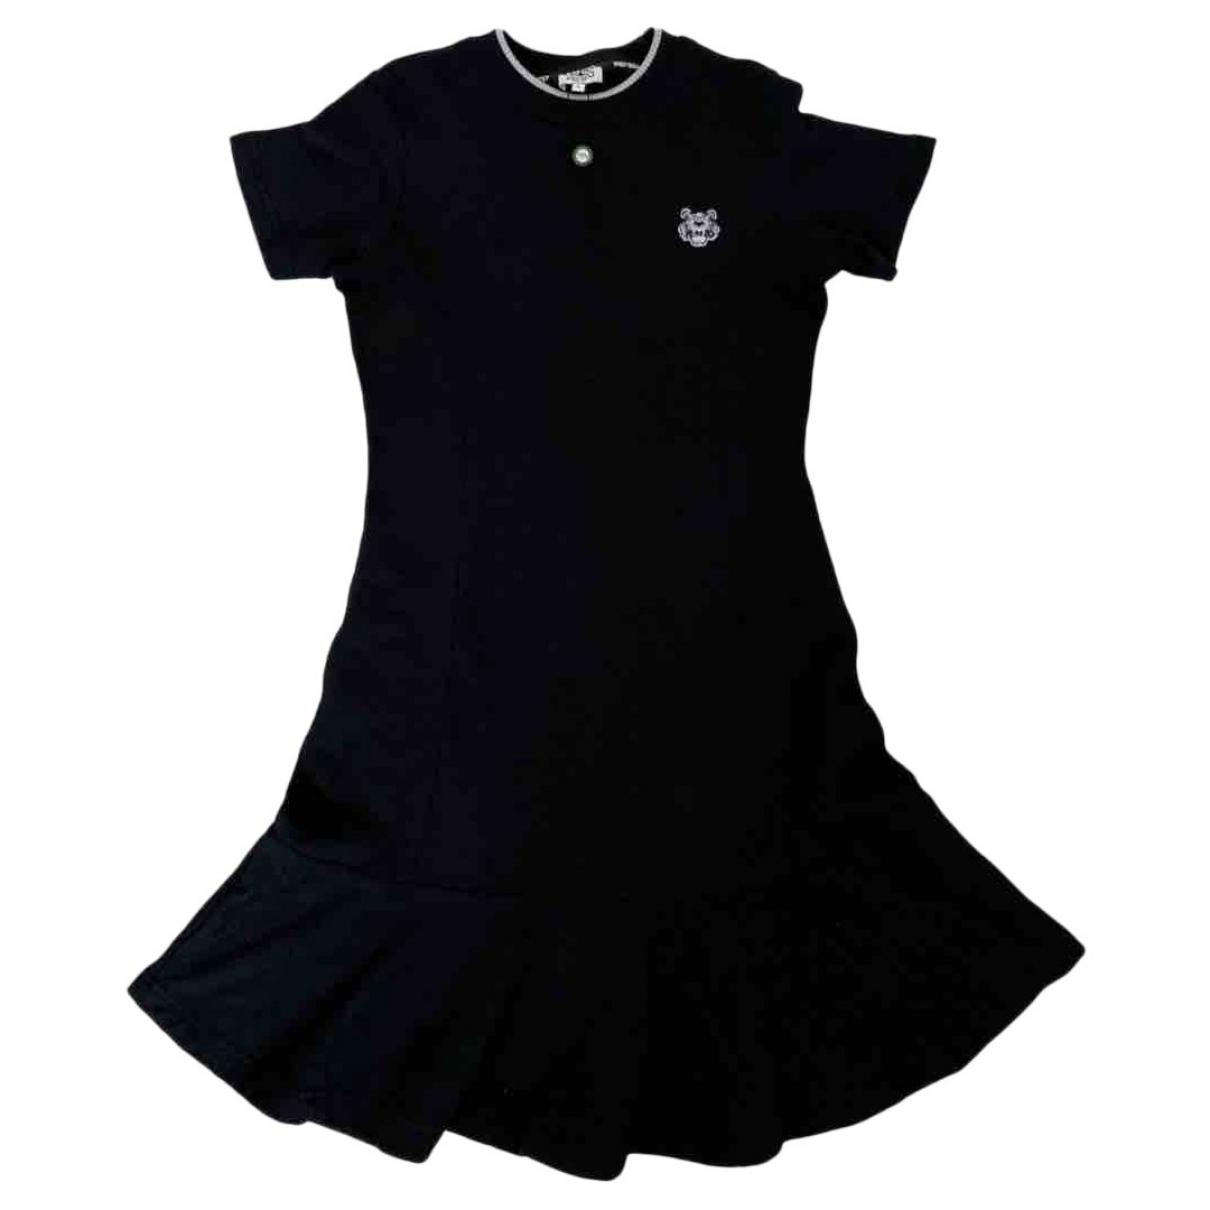 Kenzo \N Black dress for Women S International